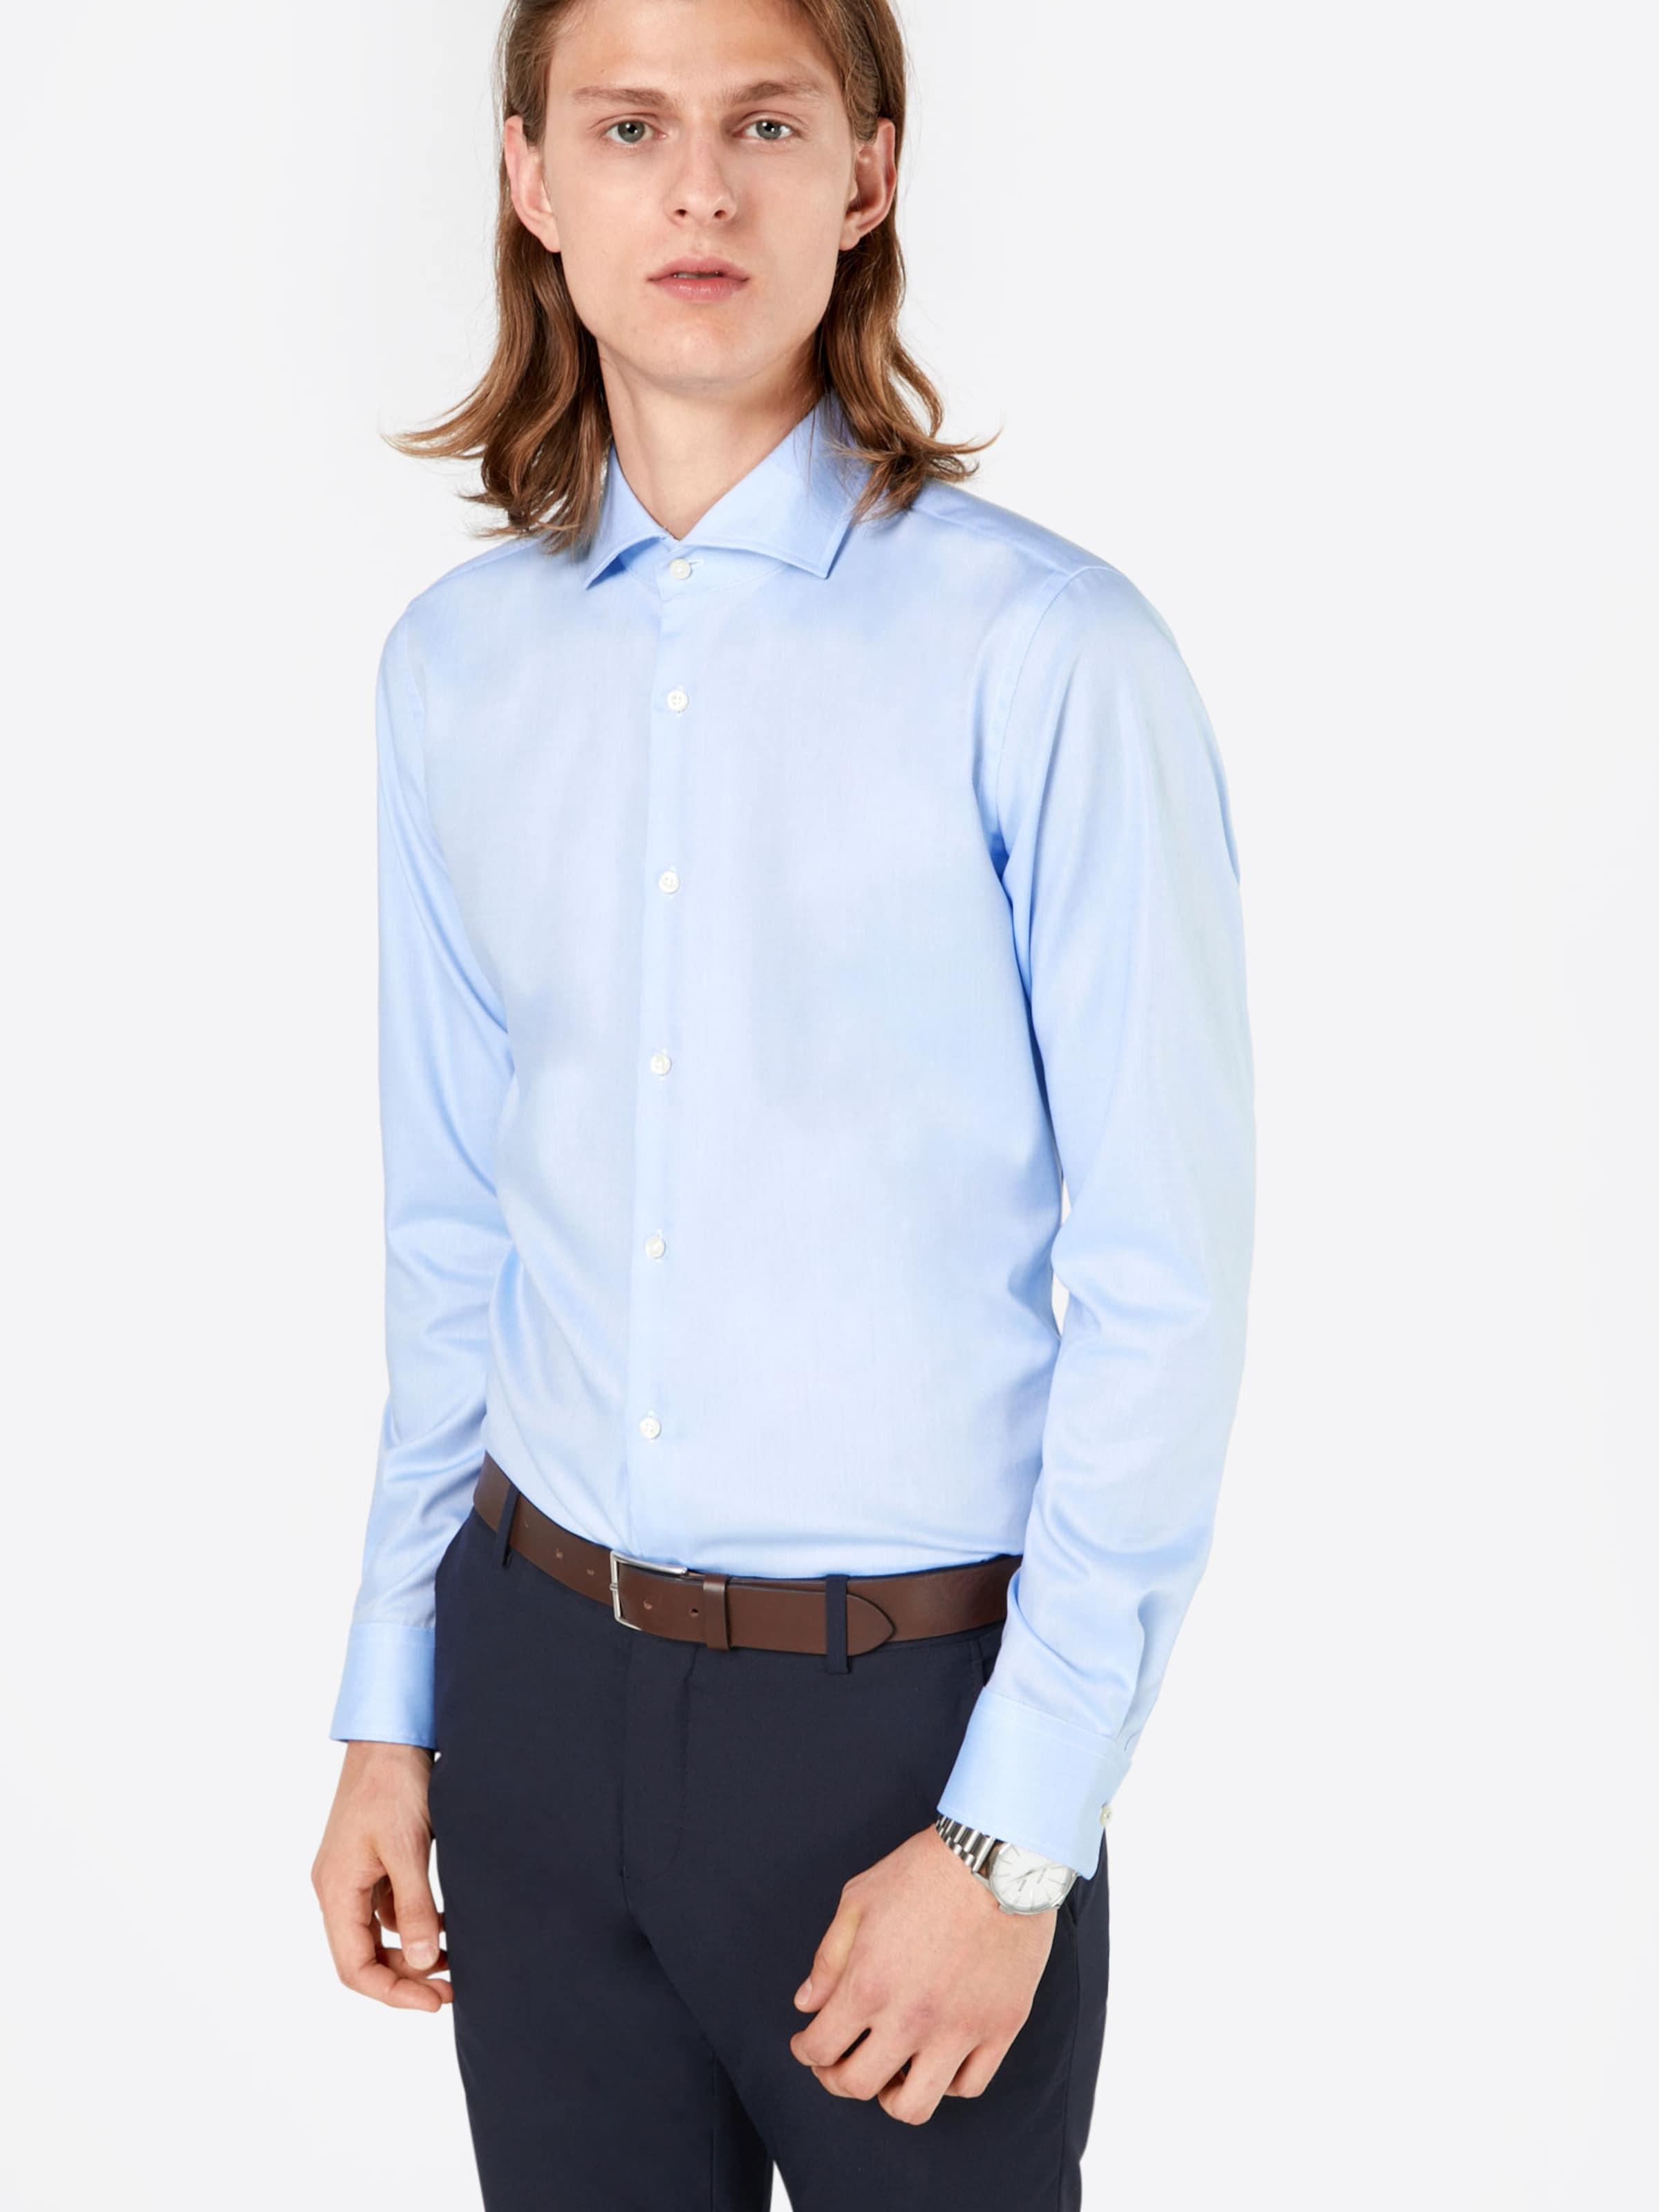 Günstig Kaufen Niedrigsten Preis Spielraum Kauf JOOP! Hemd '17 JSH-04Panko 10001819' Billig Verkauf Zuverlässig Großer Rabatt Zum Verkauf E7YLOTz9